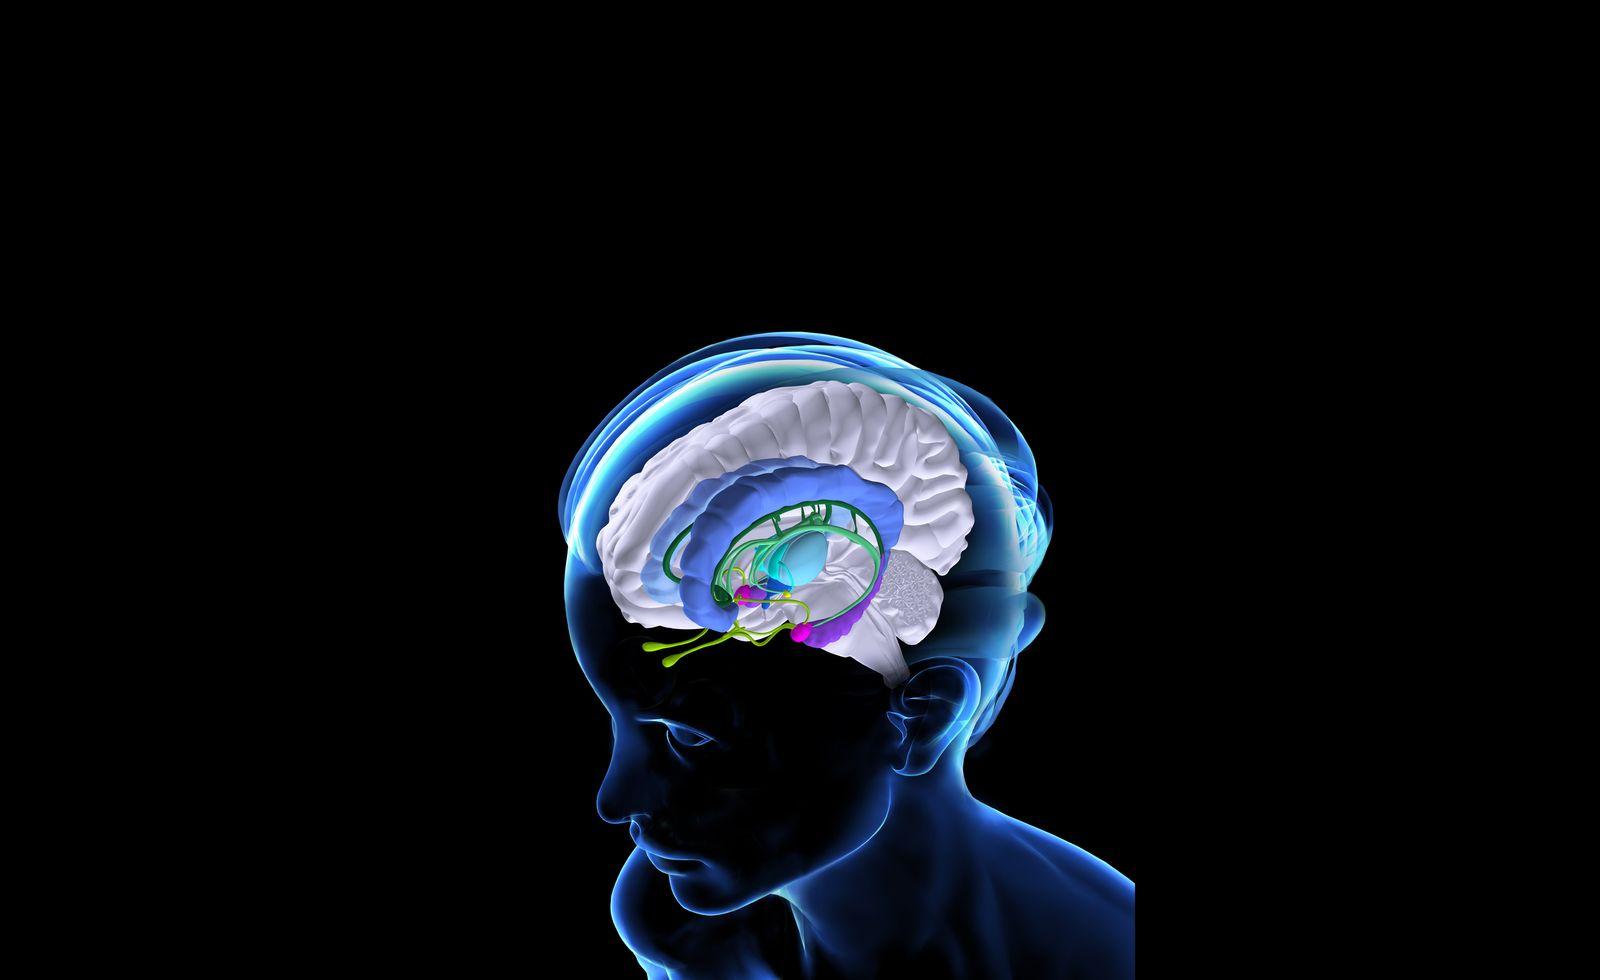 NICHT MEHR VERWENDEN! - Illustration Gehirn